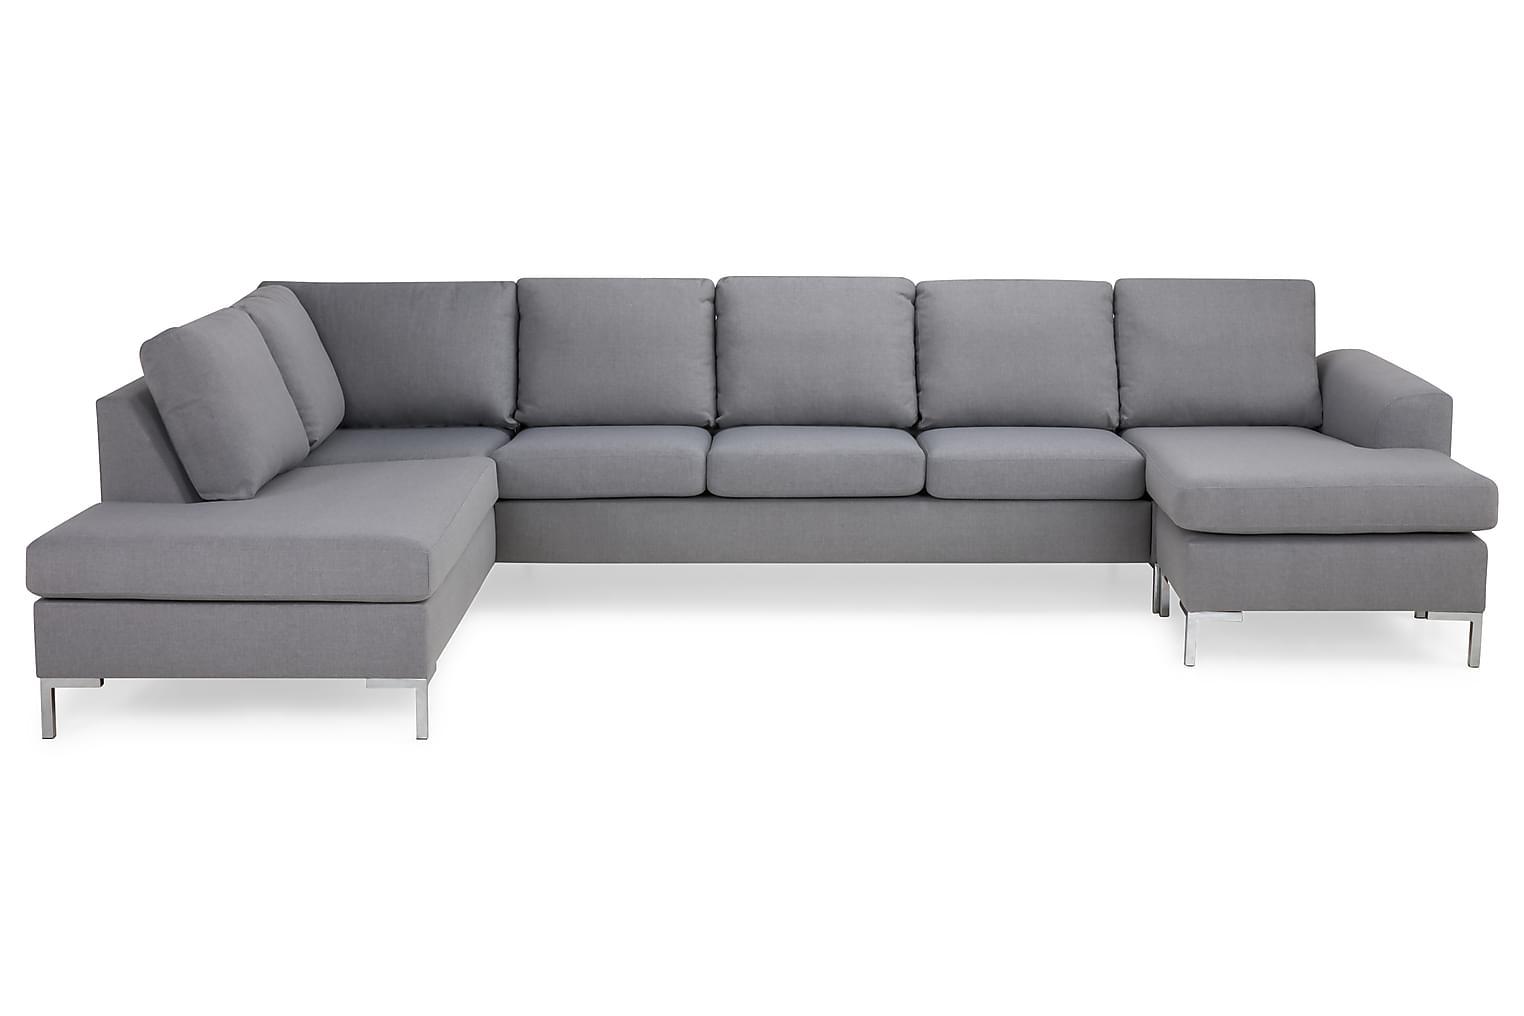 TURIN U-soffa XL Vänster Ljusgrå/Metall -